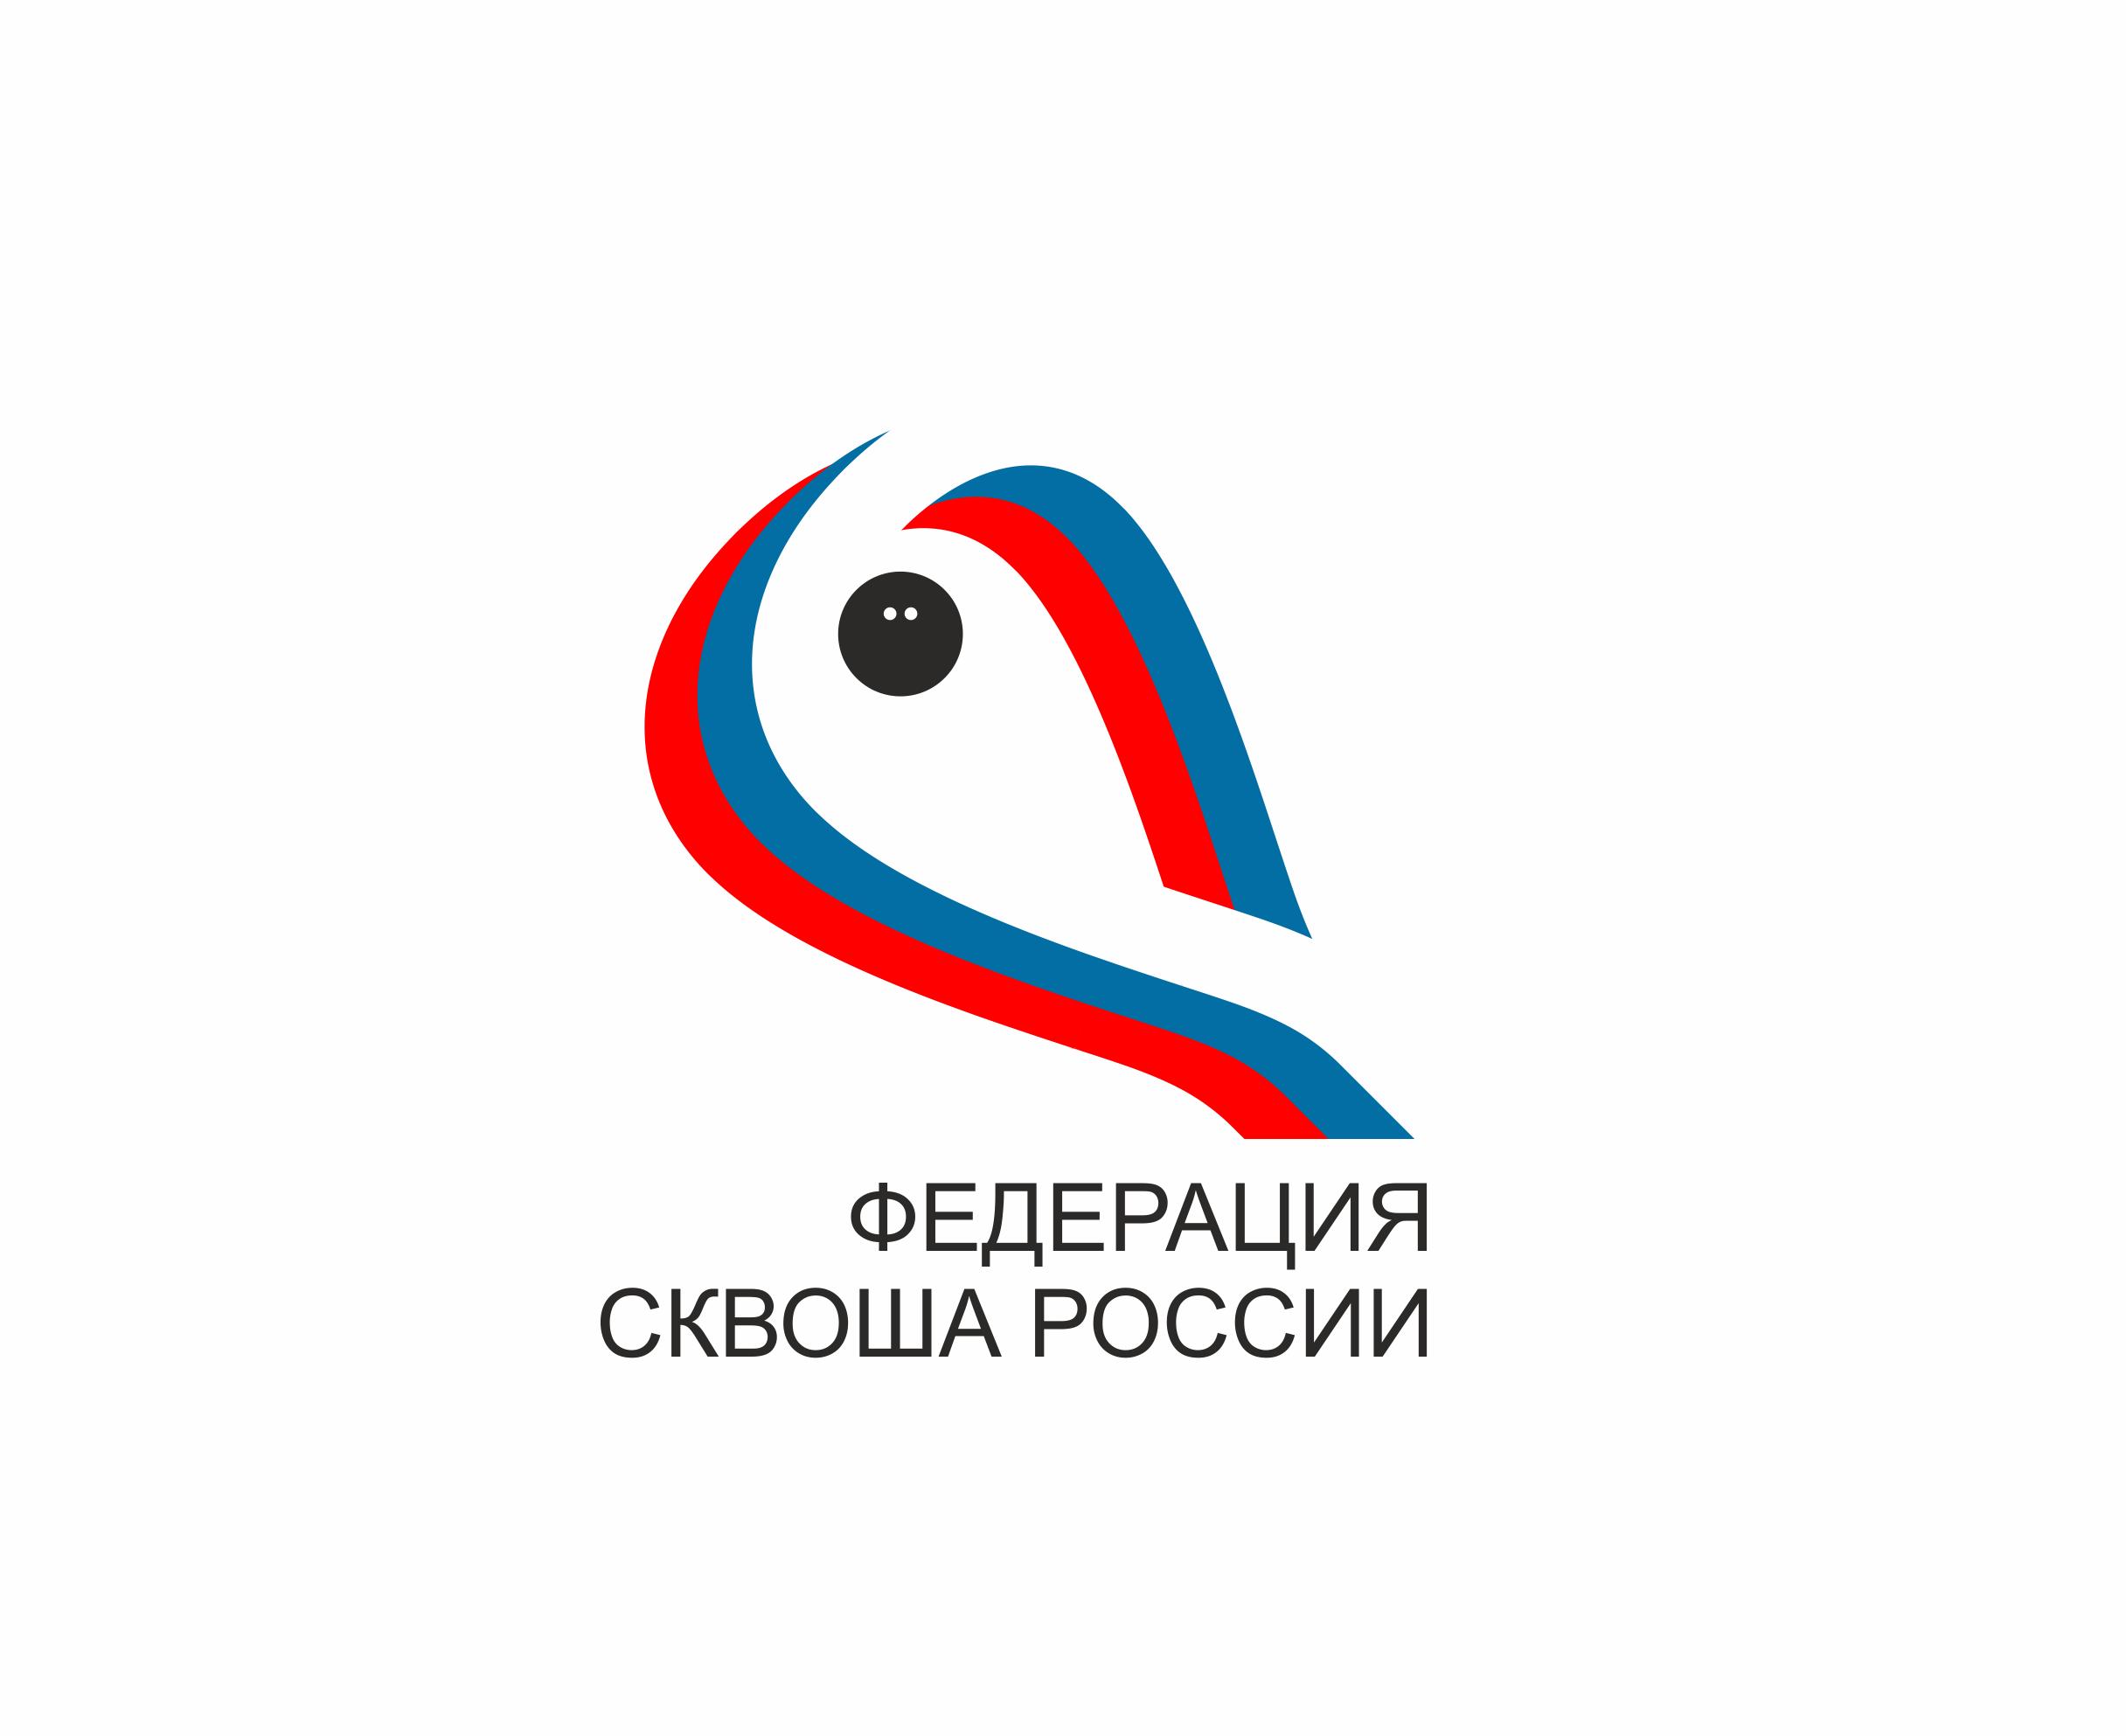 Разработать логотип для Федерации сквоша России фото f_7325f329653cf9d5.png